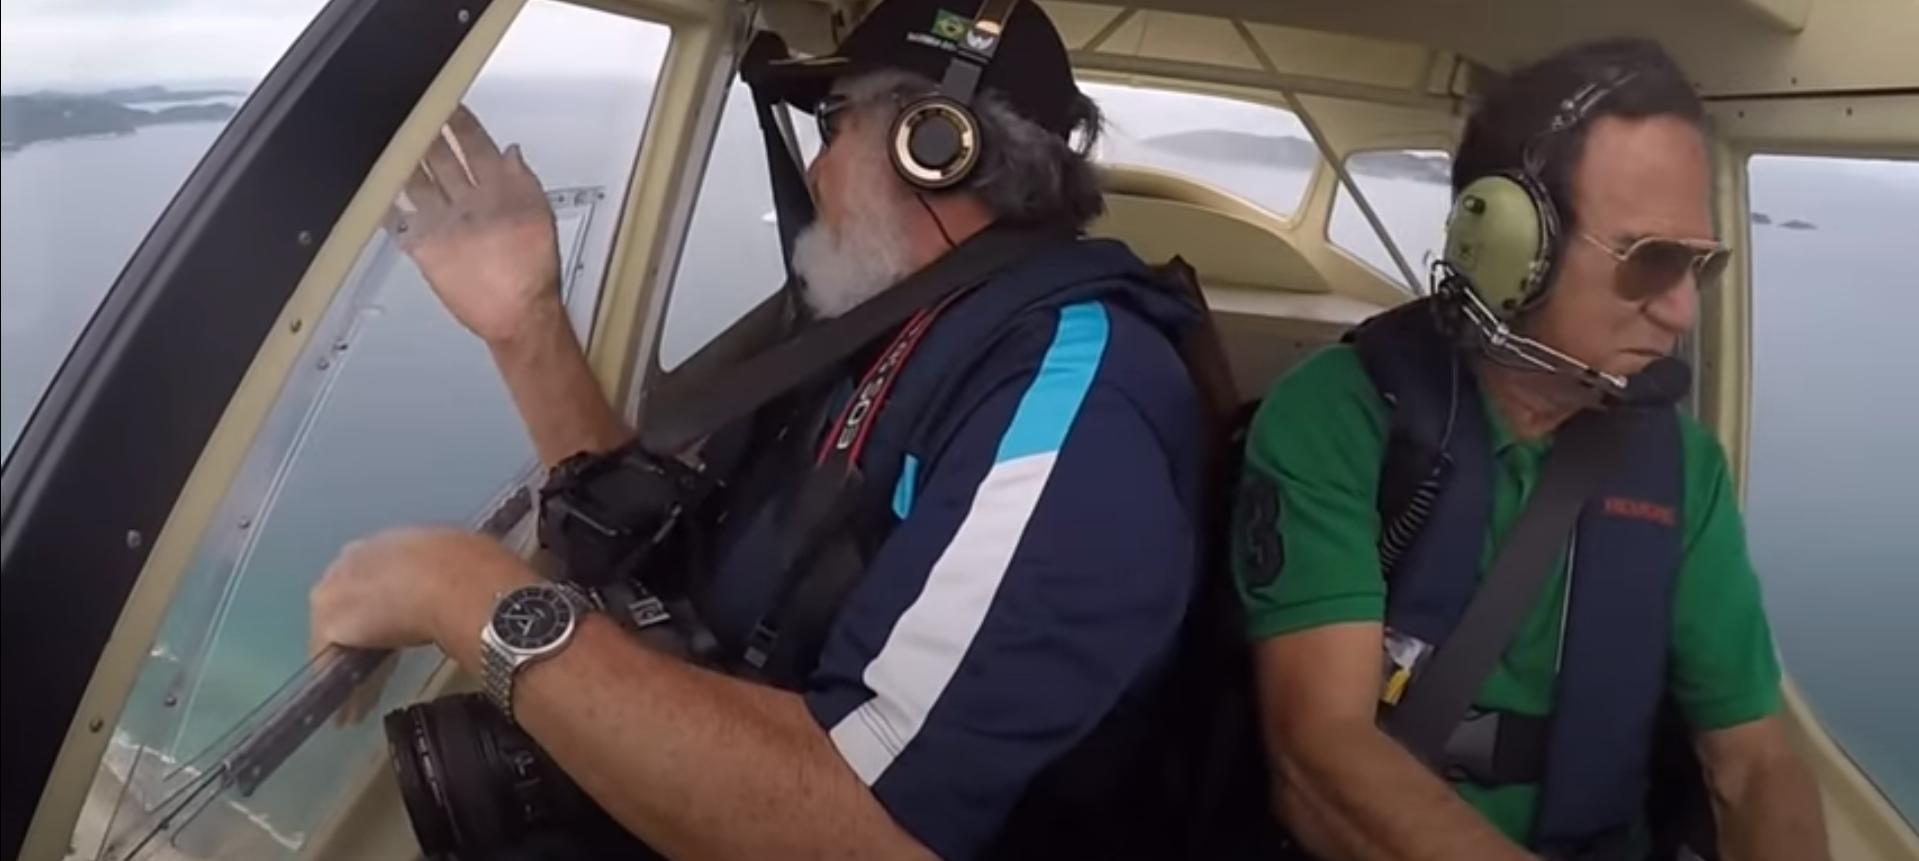 Un bărbat și-a scăpat telefonul dintr-un avion, iar aparatul a filmat tot. VIDEO